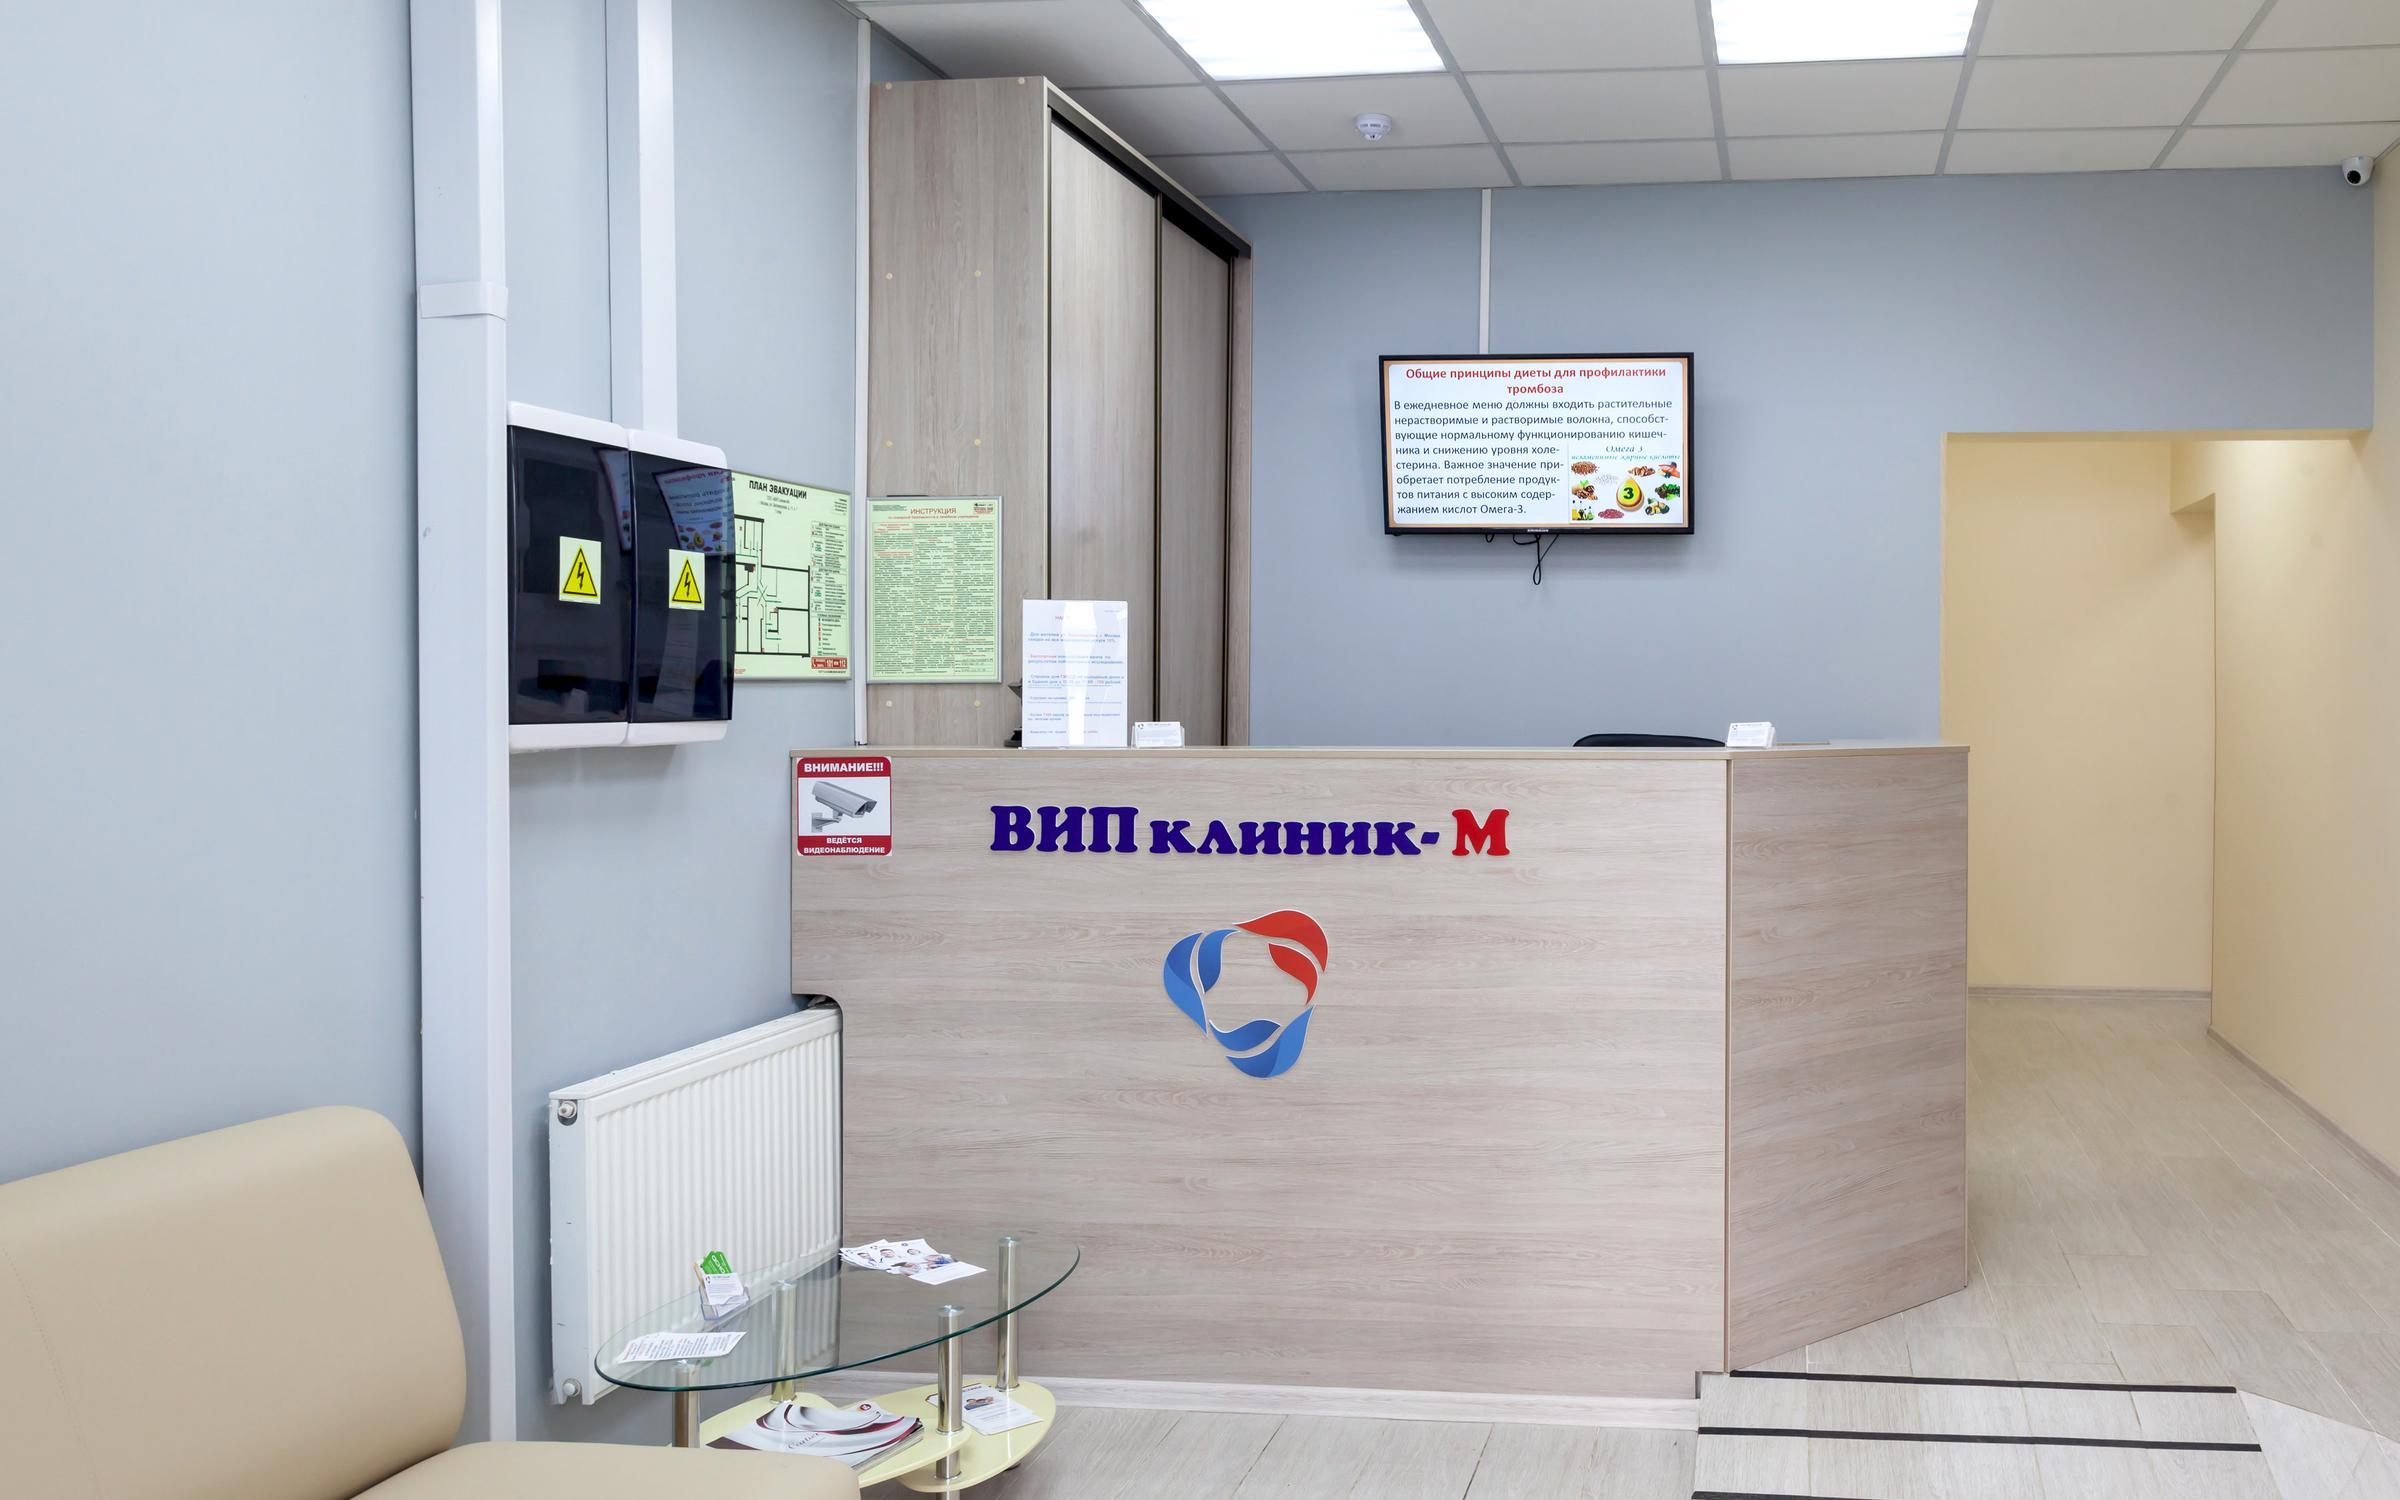 фотография Клиники ВИП клиник-М на Беломорской улице